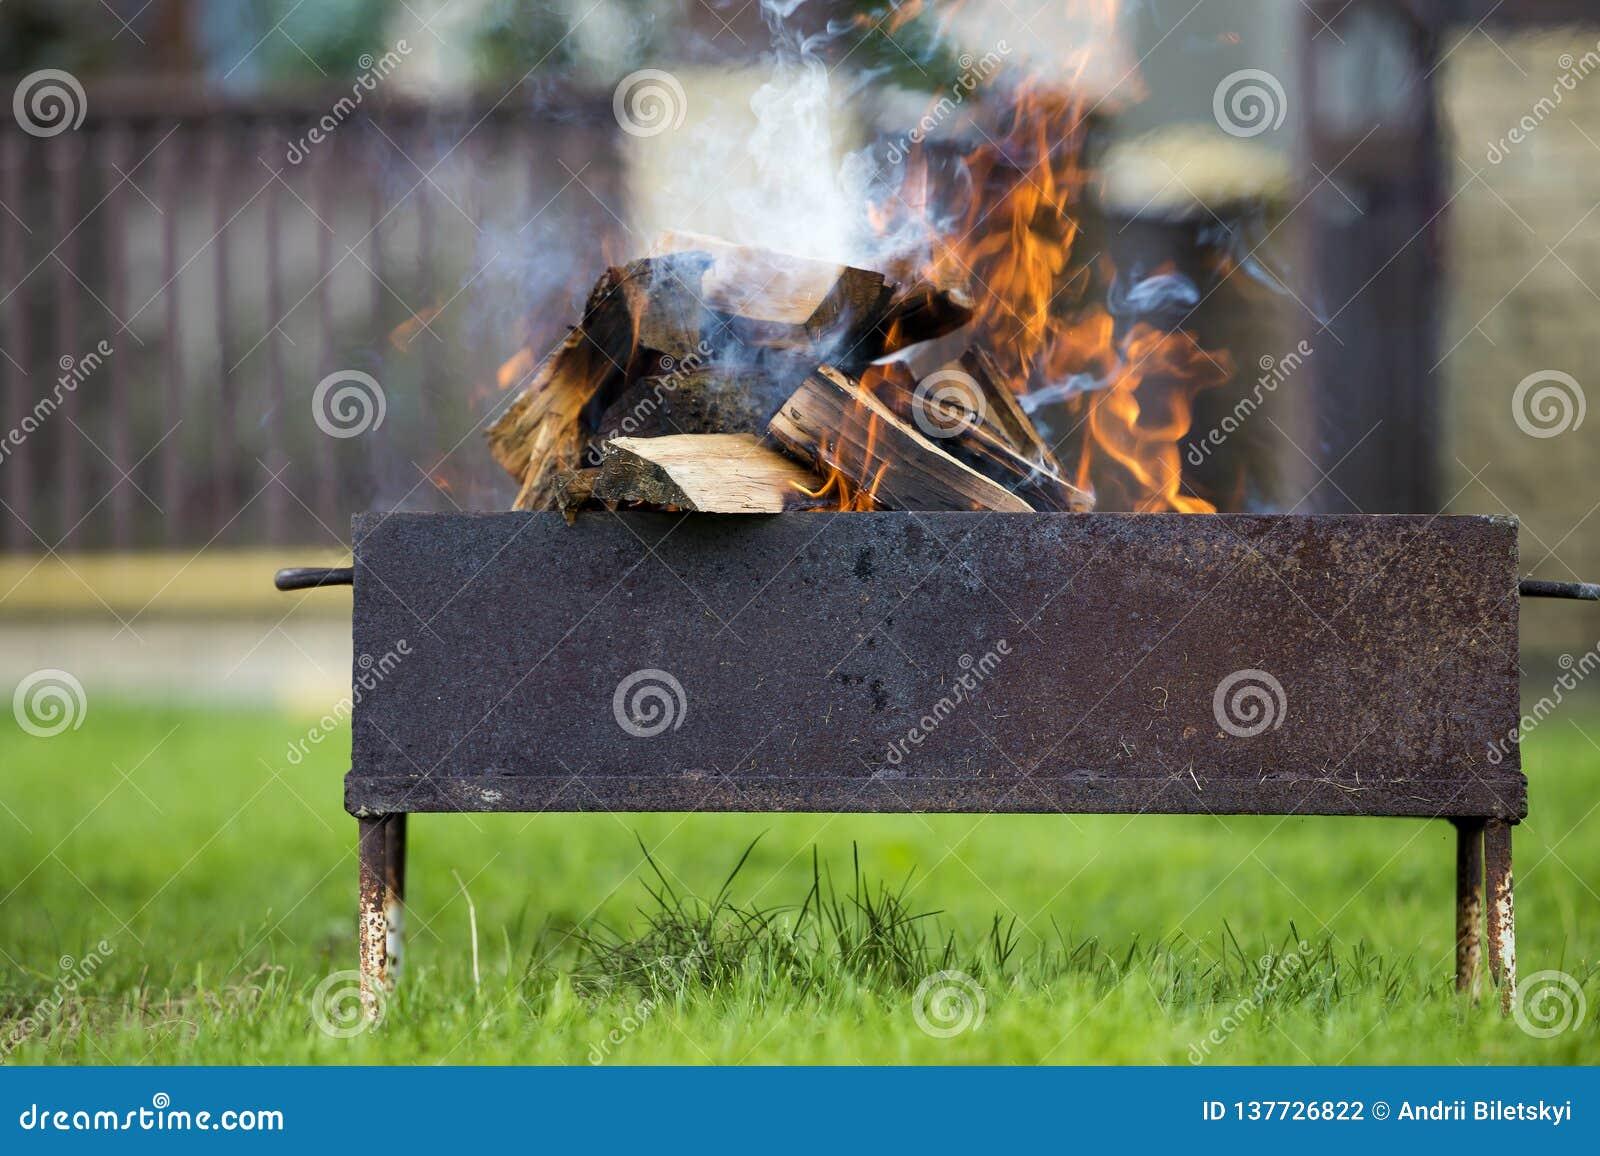 Λαμπρά καίγοντας στο καυσόξυλο κιβωτίων μετάλλων για τη σχάρα υπαίθρια Έννοια στρατοπέδευσης, ασφάλειας και τουρισμού